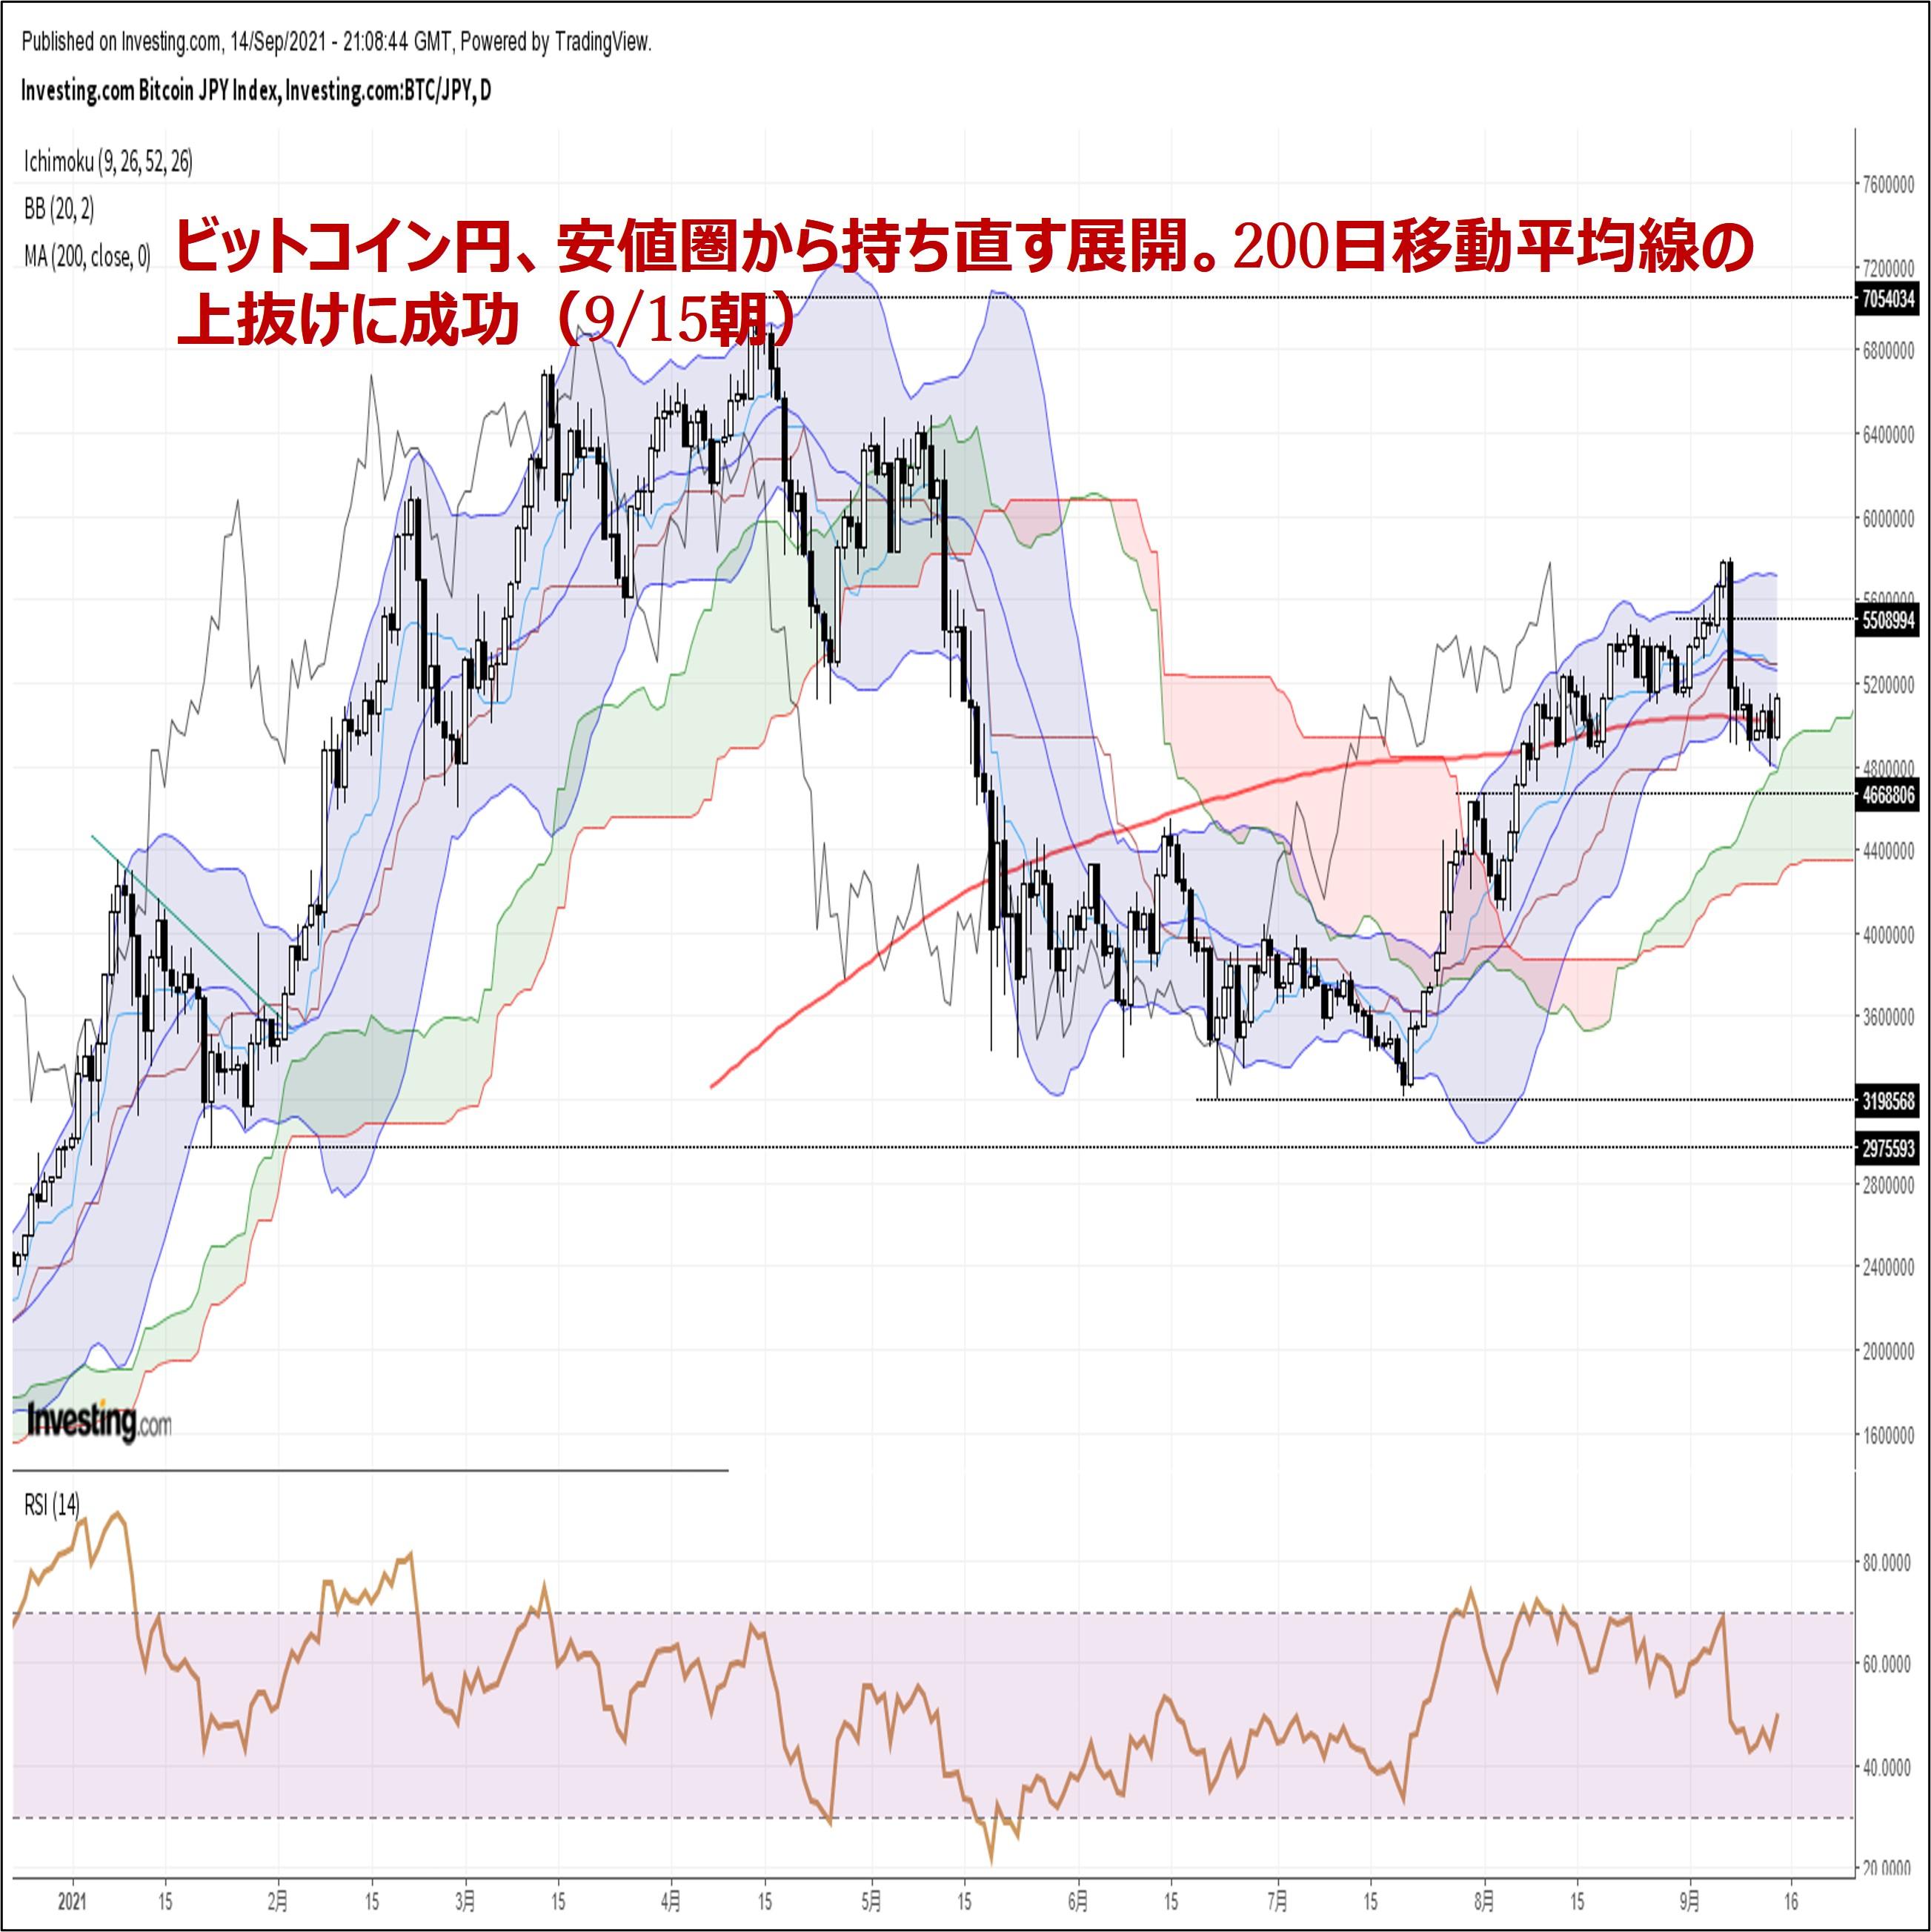 ビットコイン円、安値圏から持ち直す展開。200日移動平均線の上抜けに成功